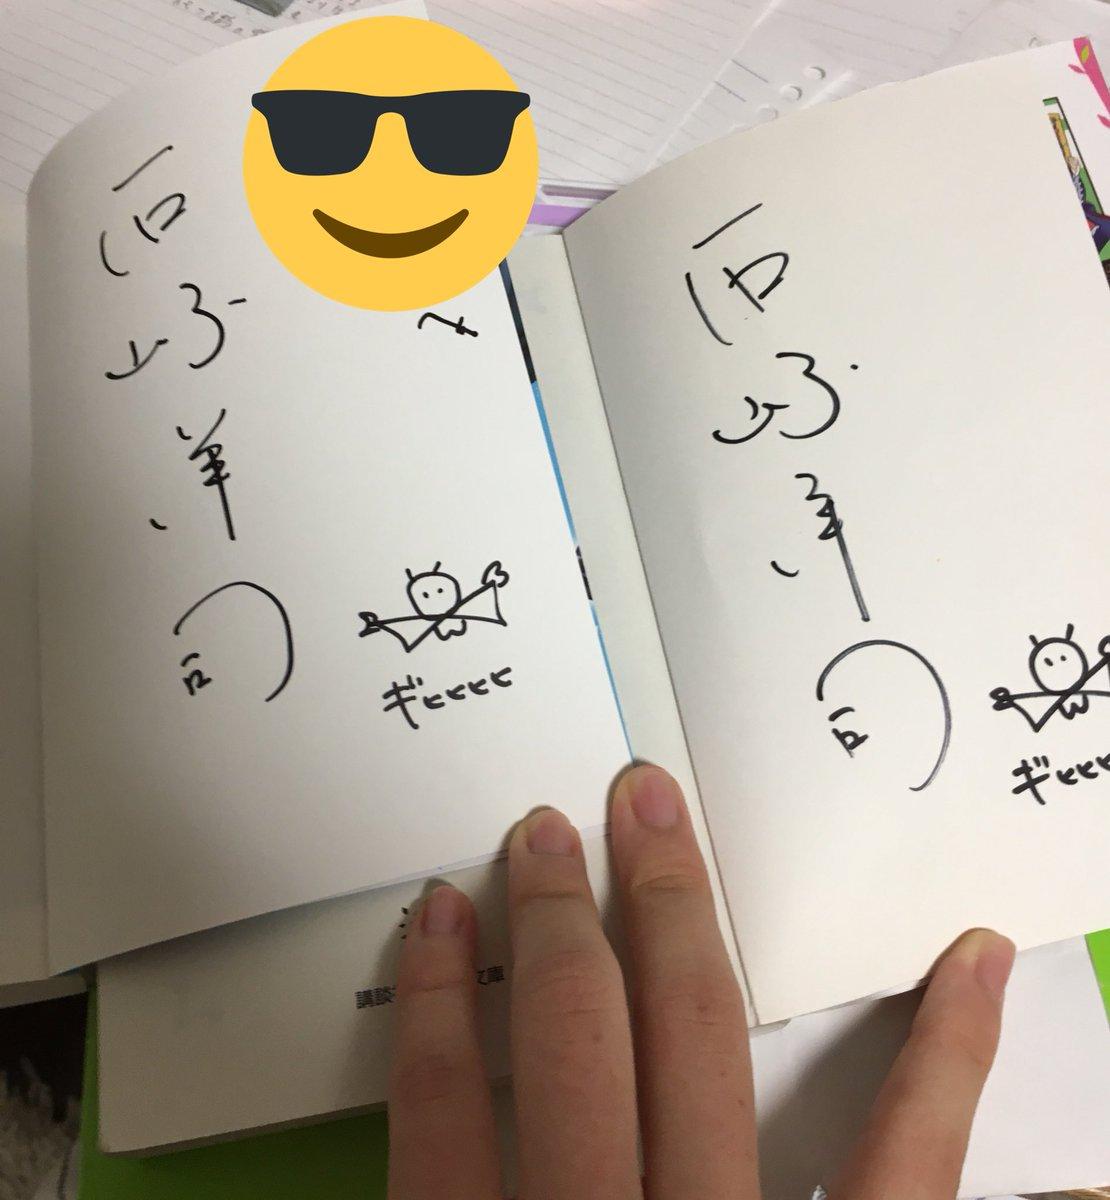 黒魔女さんが通る!!の石崎先生の4年ぶりにサイン会があってサインいただいた〜〜ちなみに右は4年前の